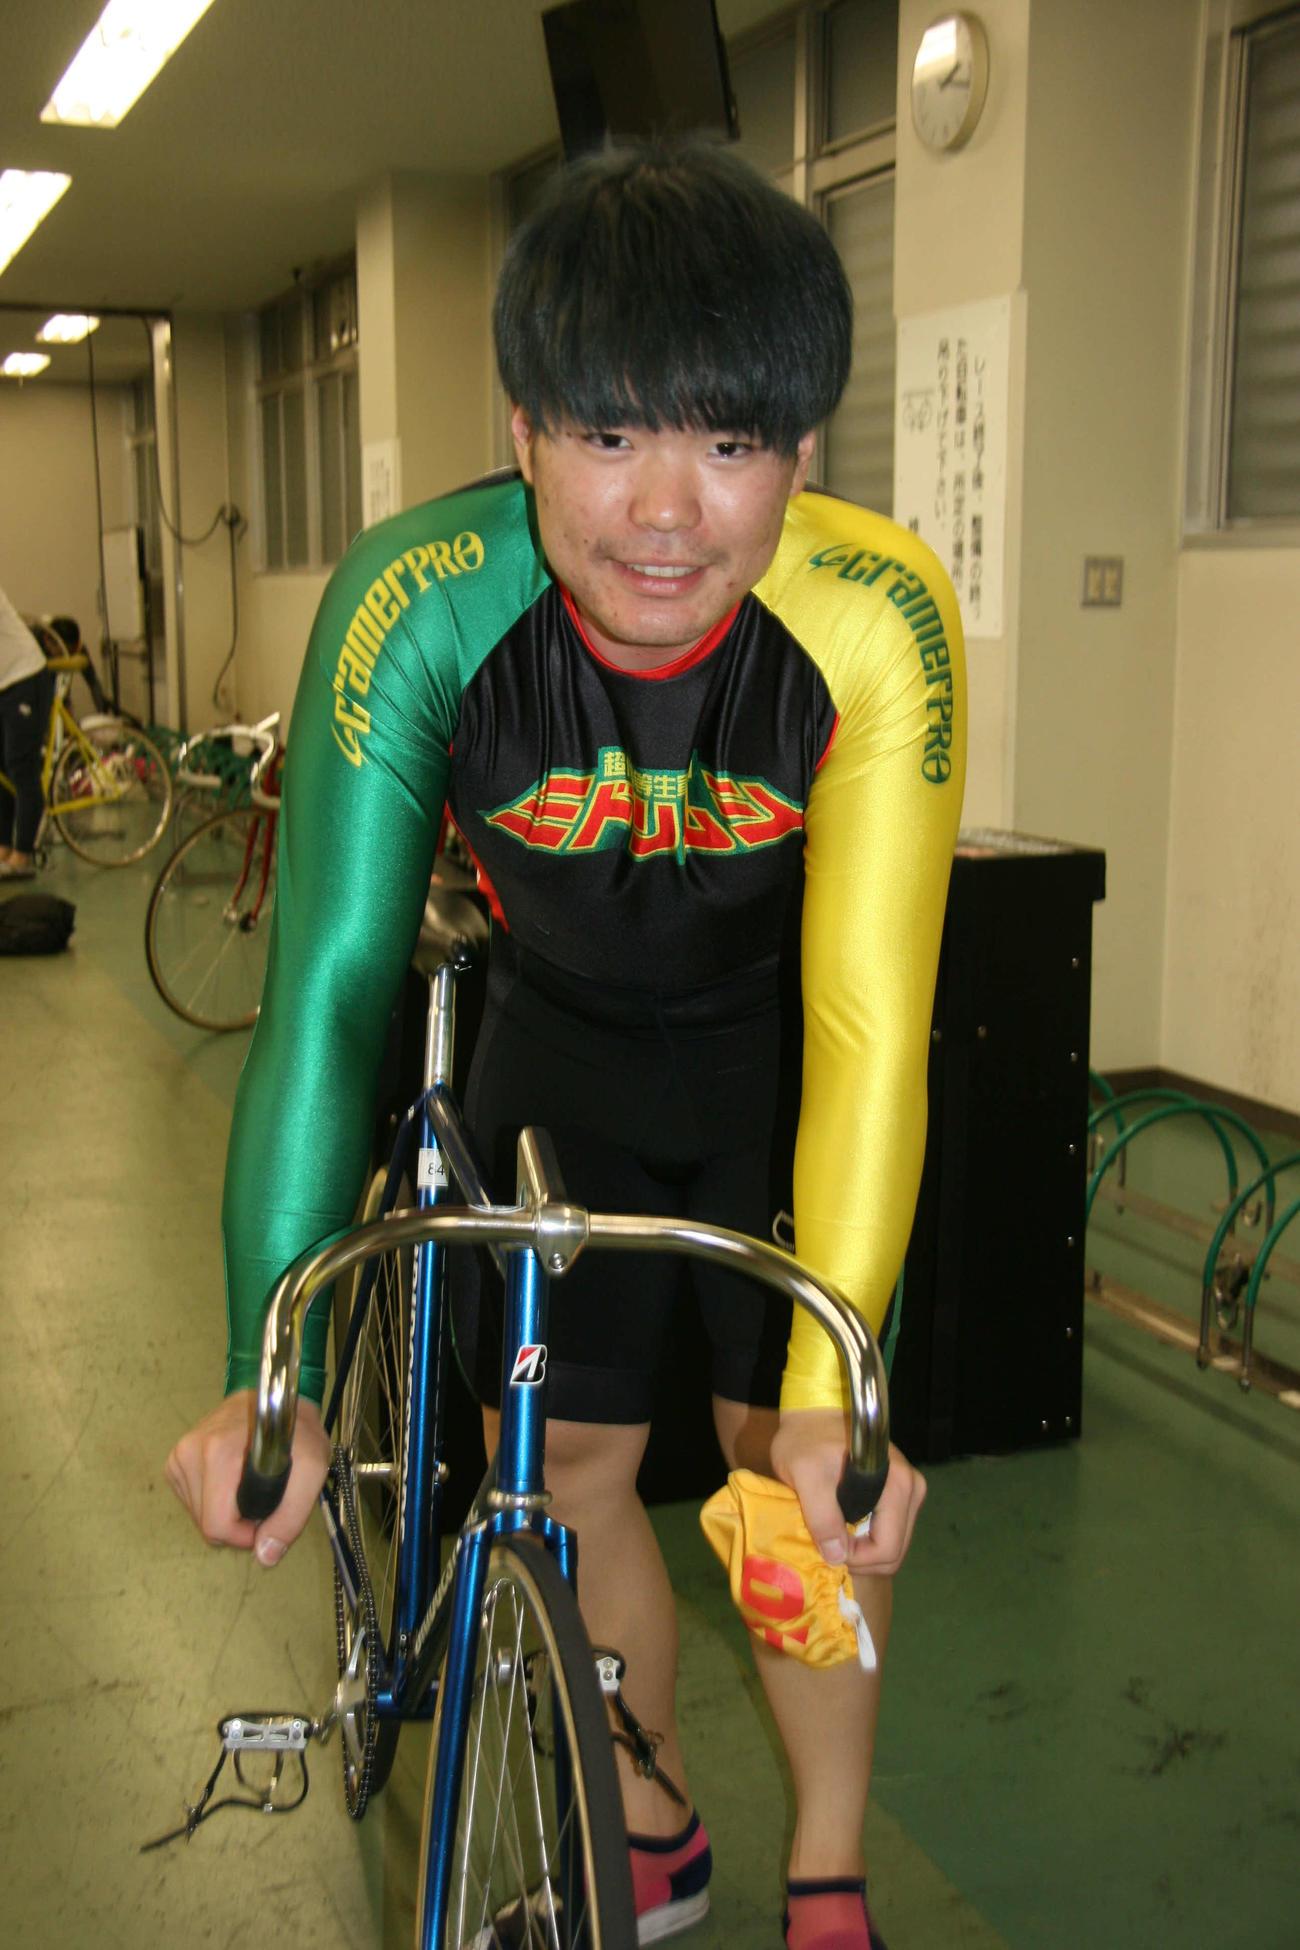 田上晃也が自慢のパワーで押し切りを狙う(撮影・秋山正則)